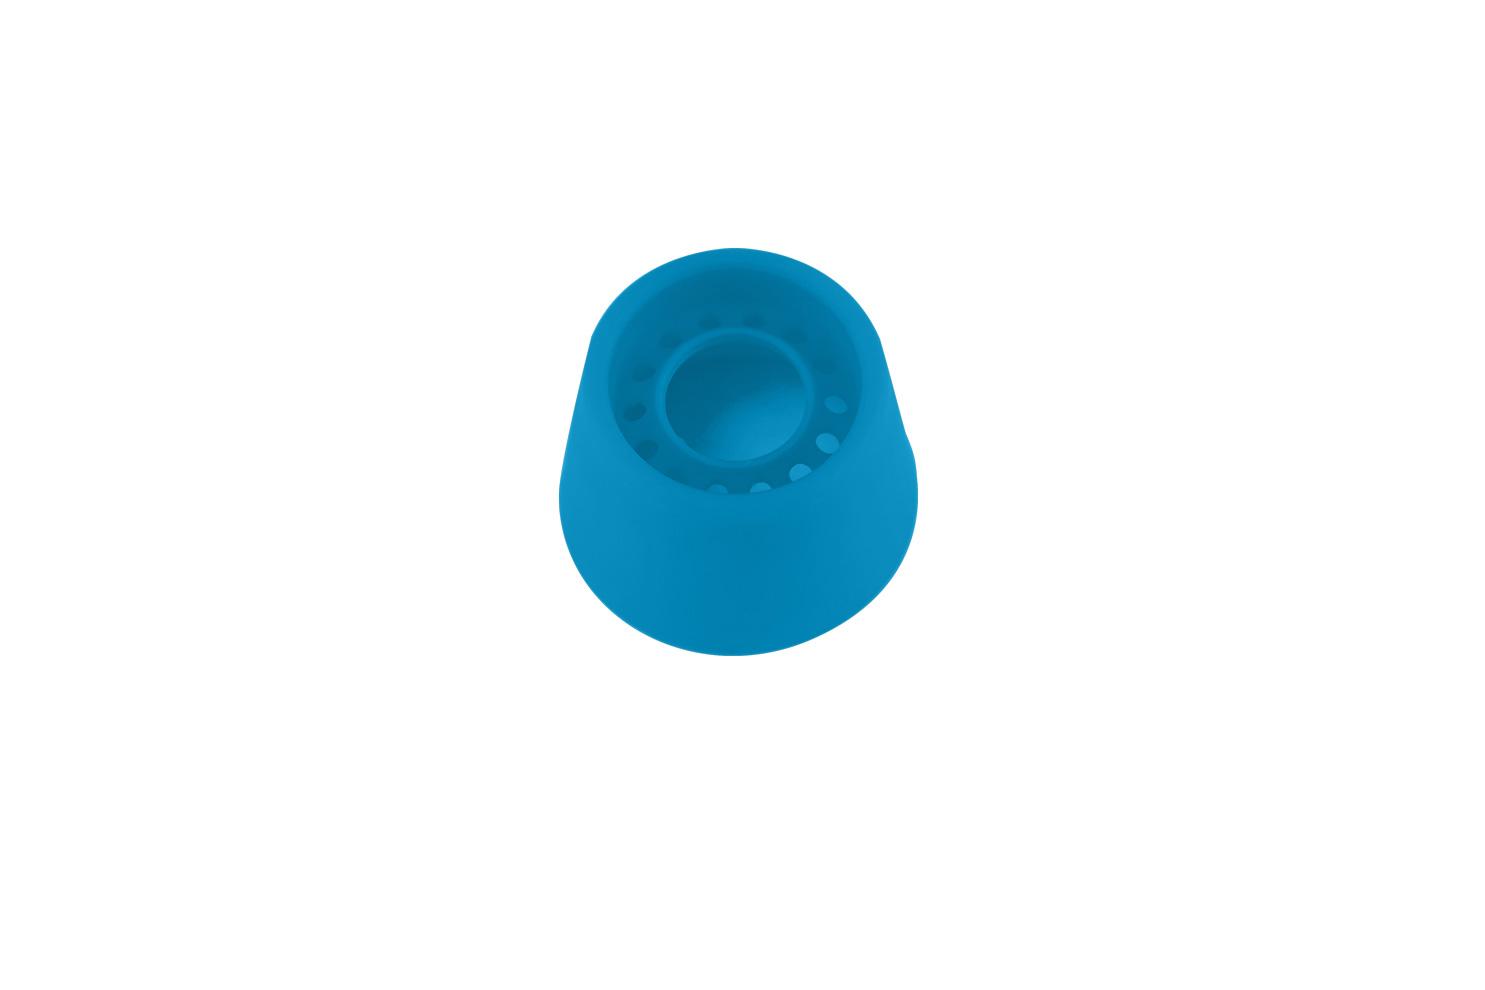 Remoska® Náhradní krytka ventilu na soft-tlakovém víku Barva: Modrá